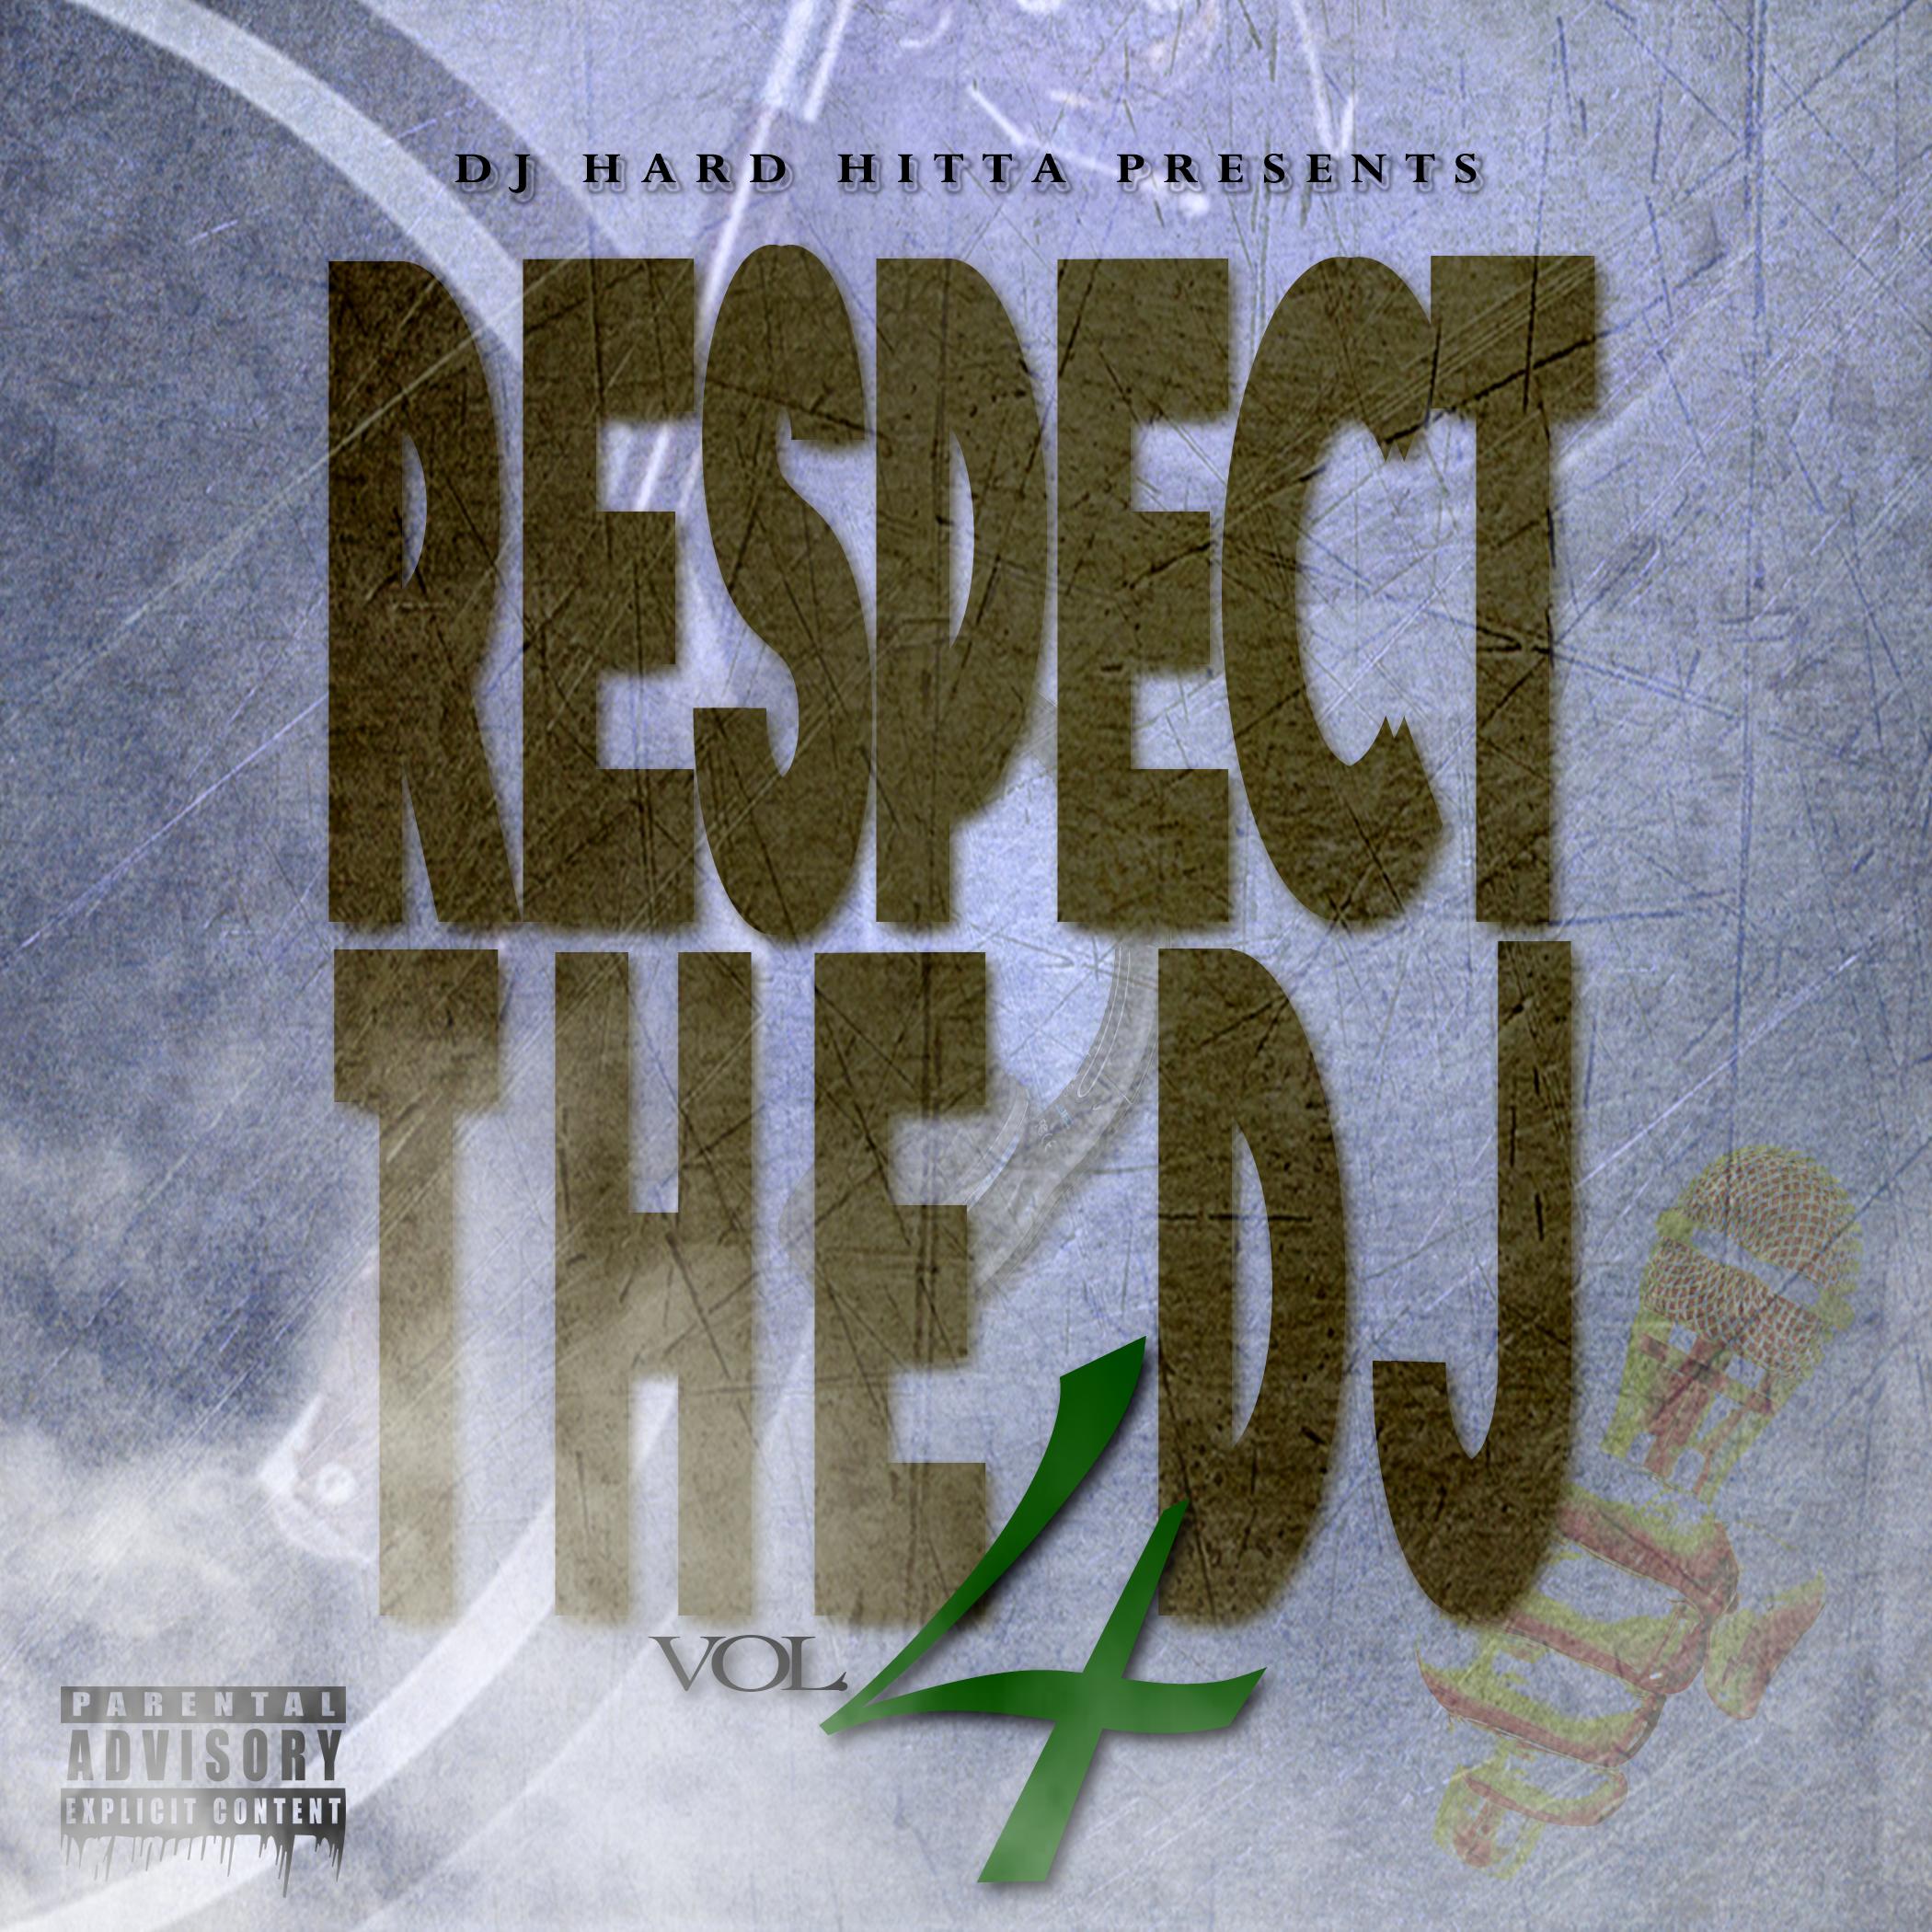 DJ Hard Hitta Presents - Respect the DJ 4